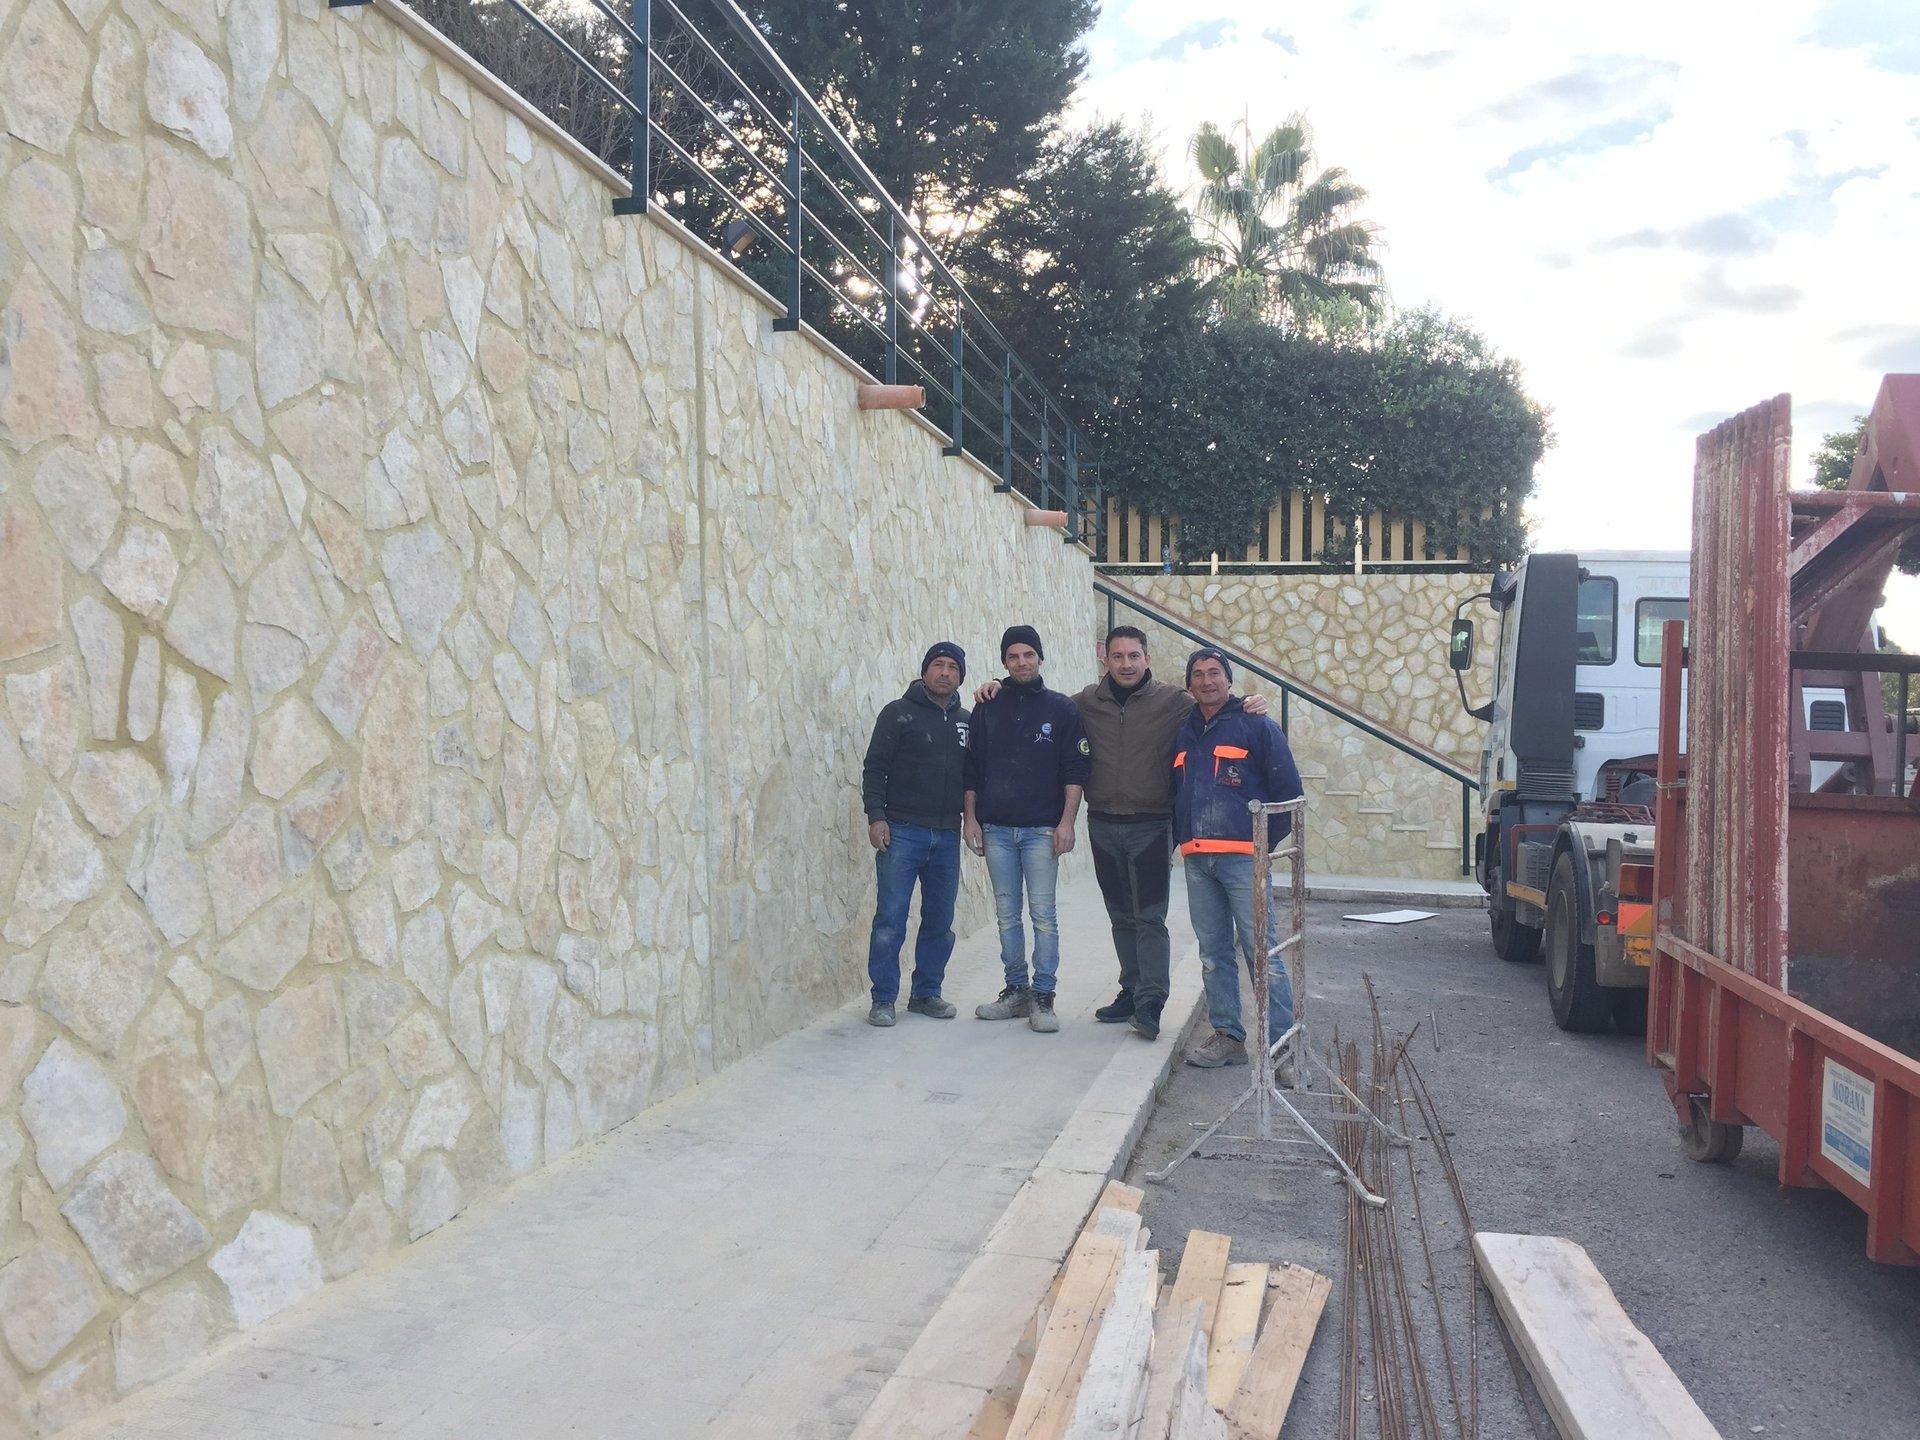 Quattro uomini di fronte ad un muro costruito in pietra